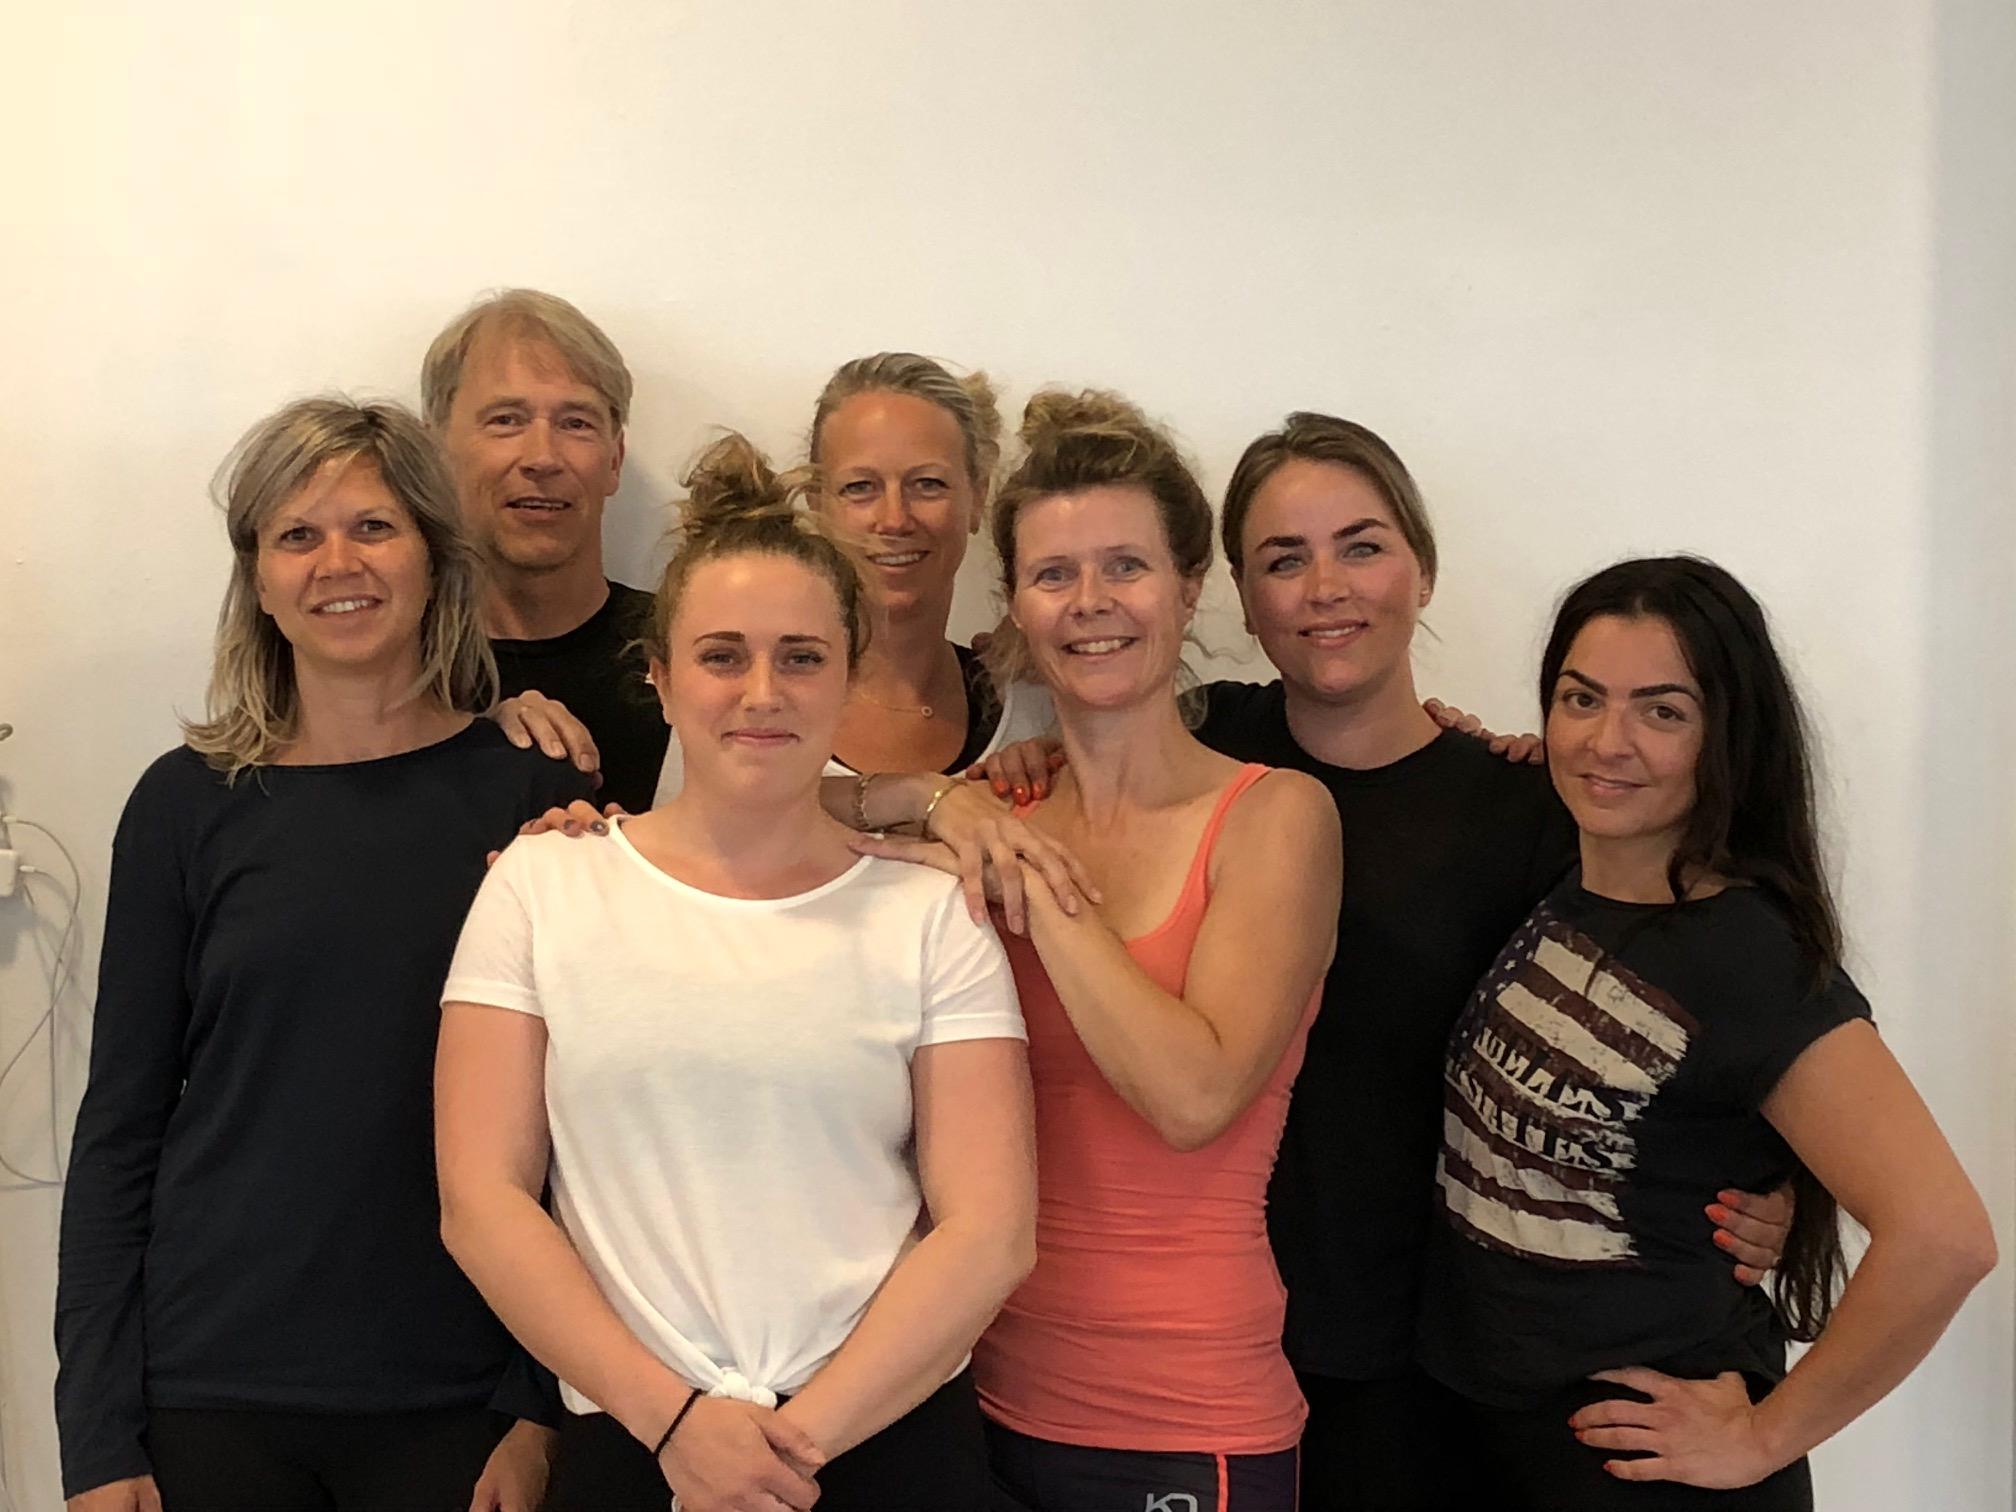 Reformer Pilates instruktørerne på Frederiksbjerg Fysioterapi